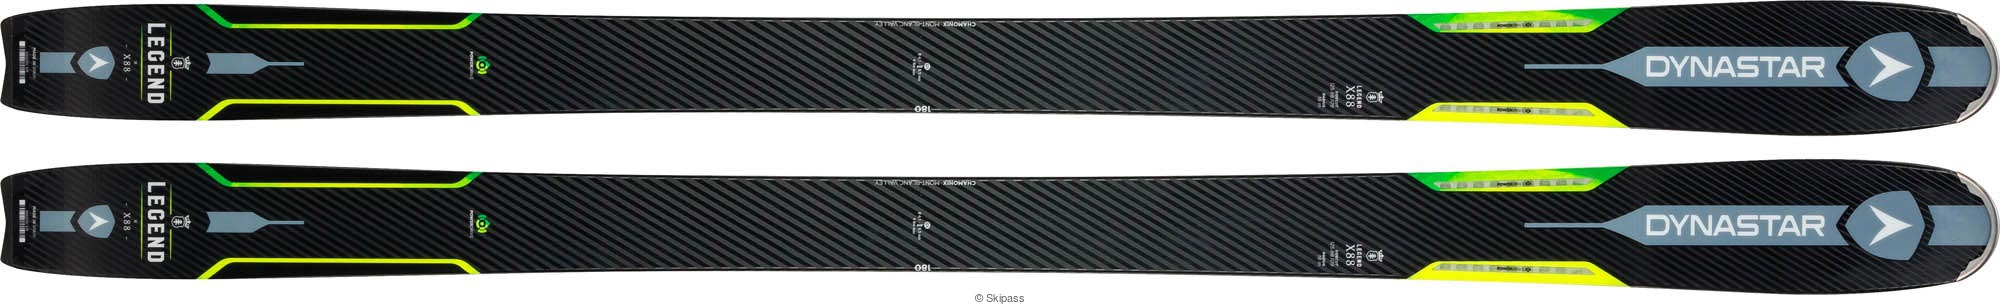 Dynastar Legend X88